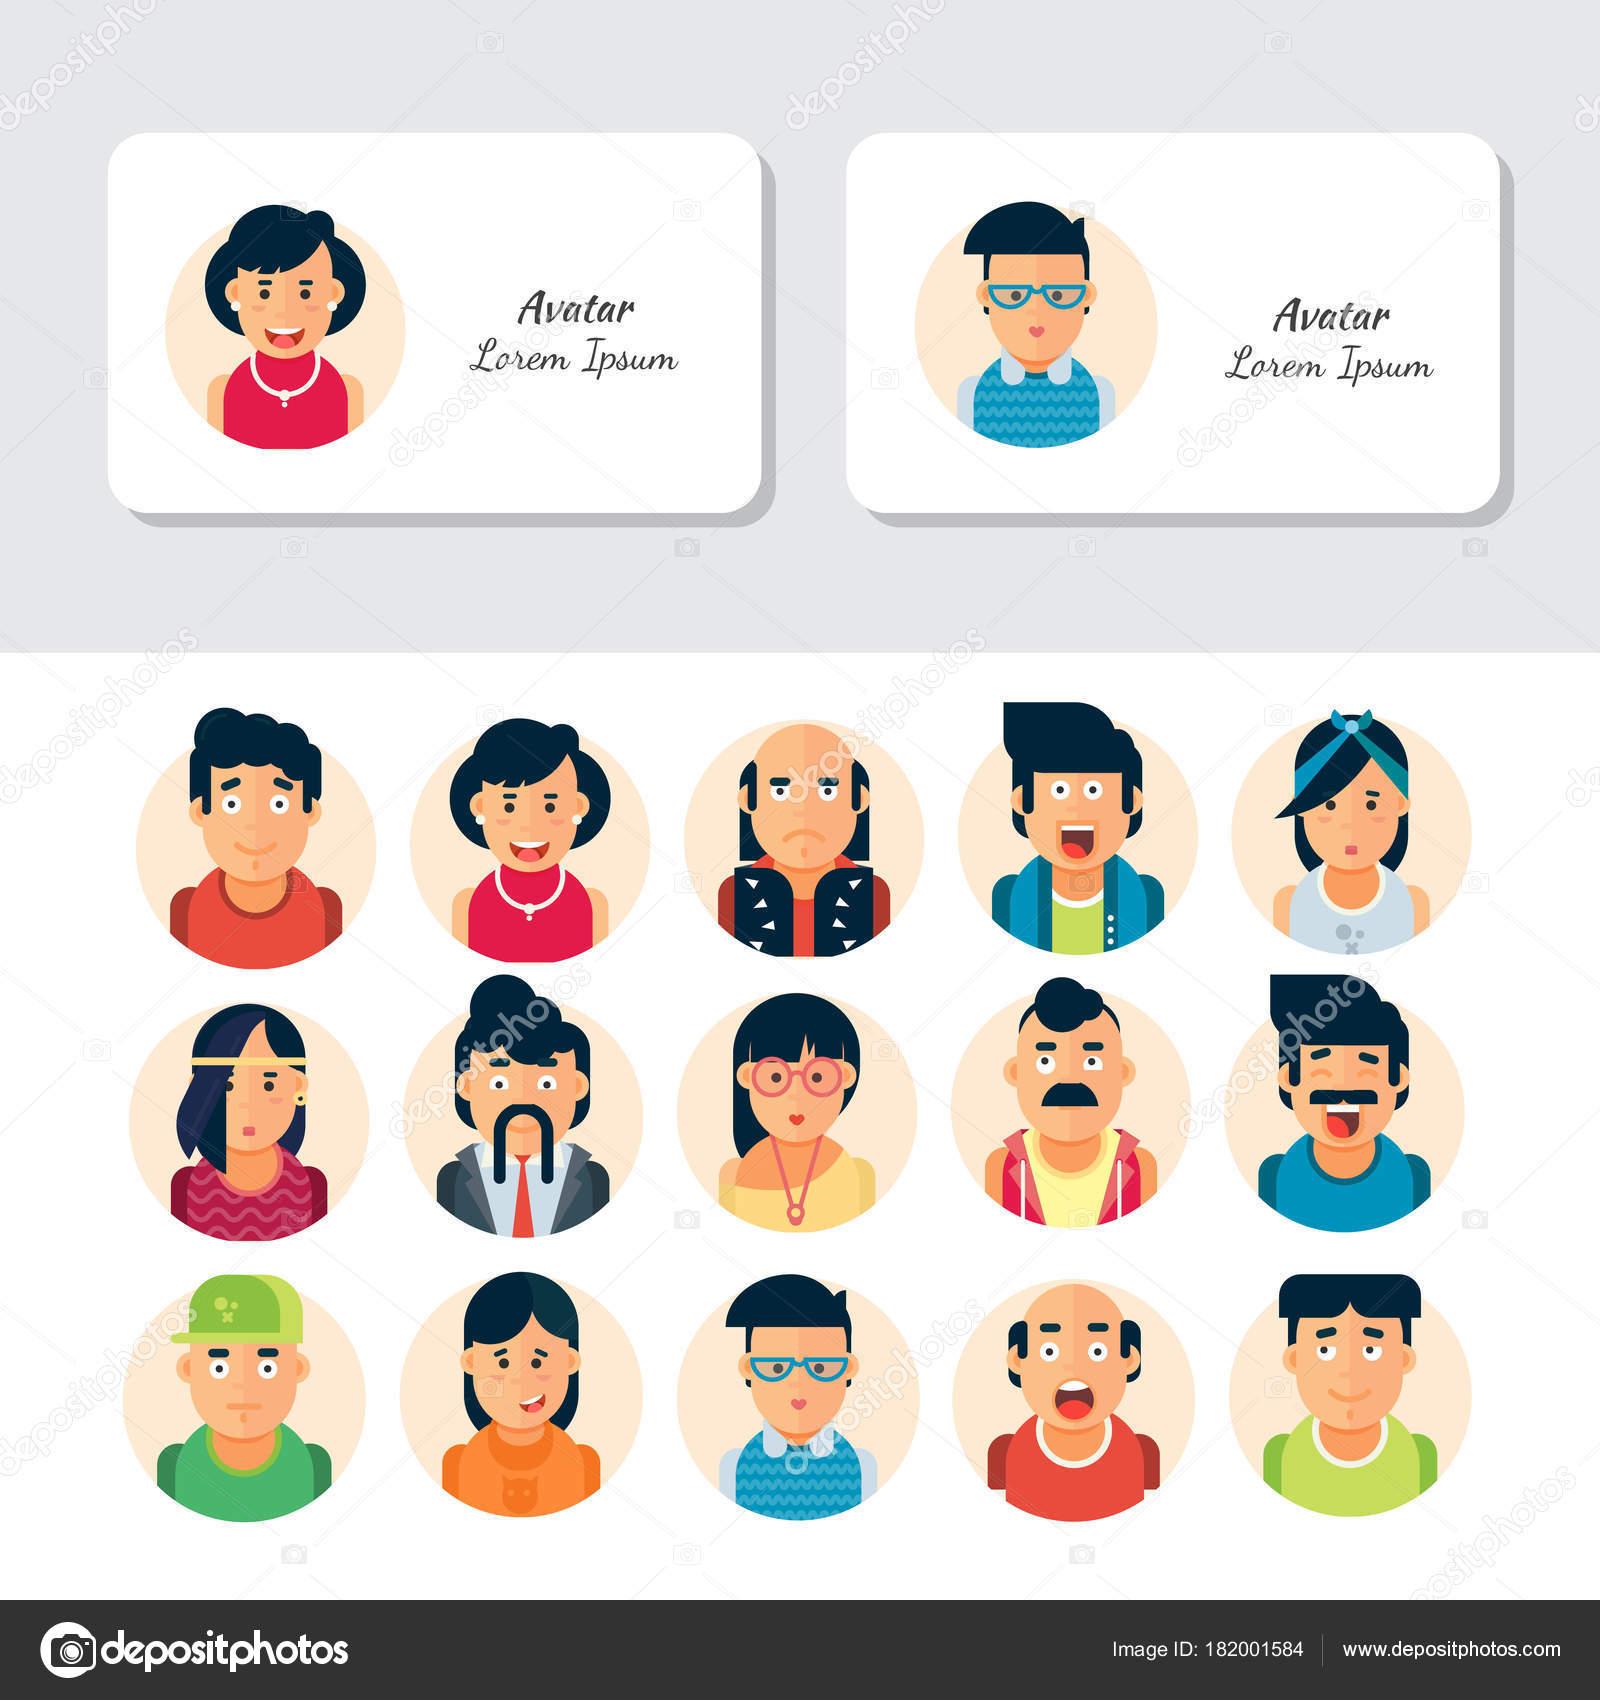 Carte De Visite Vecteur Ou Collections Flyer Avatars Peuple Colore Caracteres Differents Y Compris Les Hommes Et Femmes Illustration